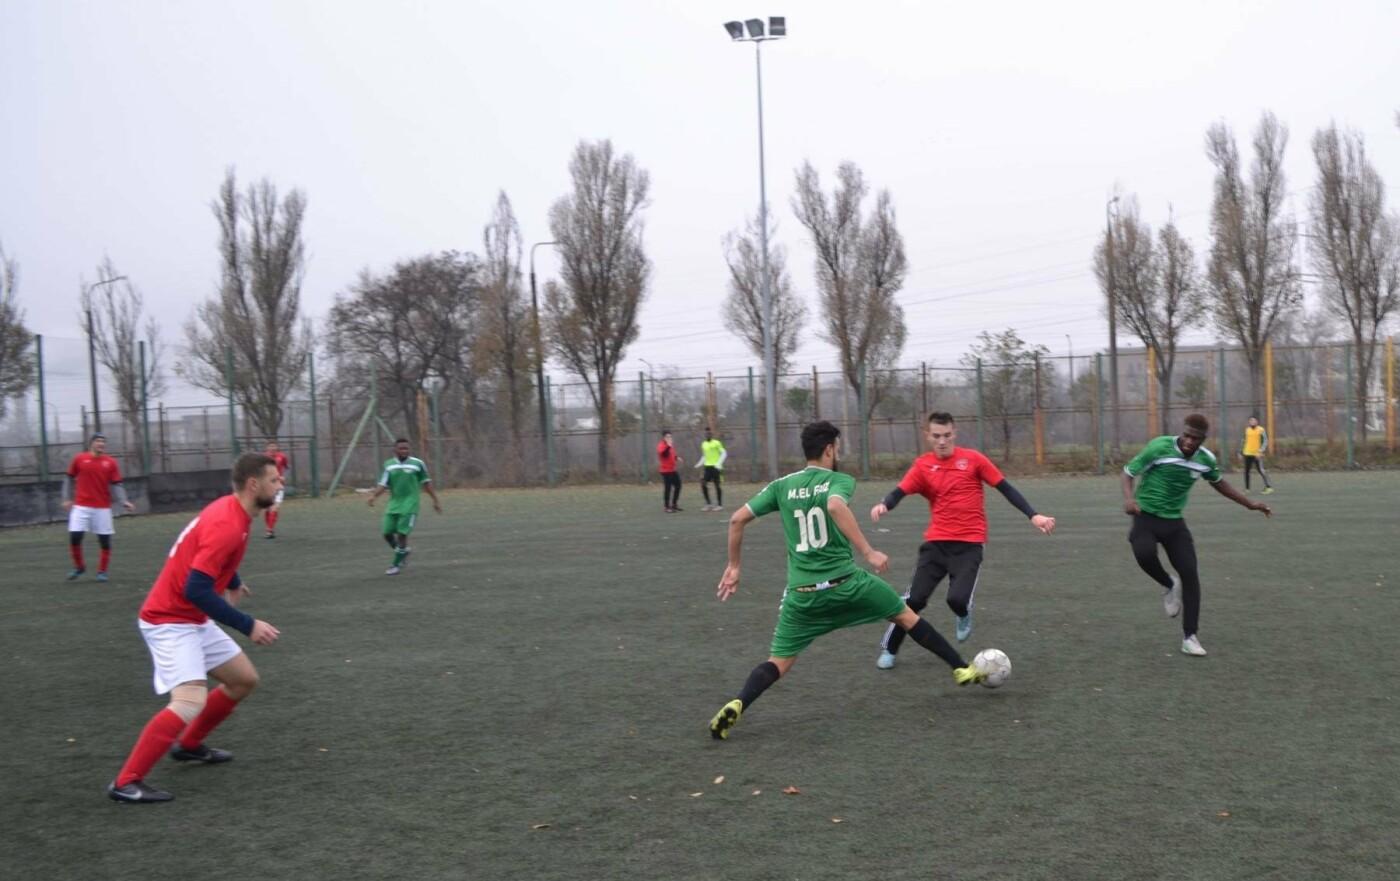 Молодежная футбольная Лига Запорожья успешно завершила свой летний сезон при финансовой поддержке мецената Александра Богуслаева, фото-7